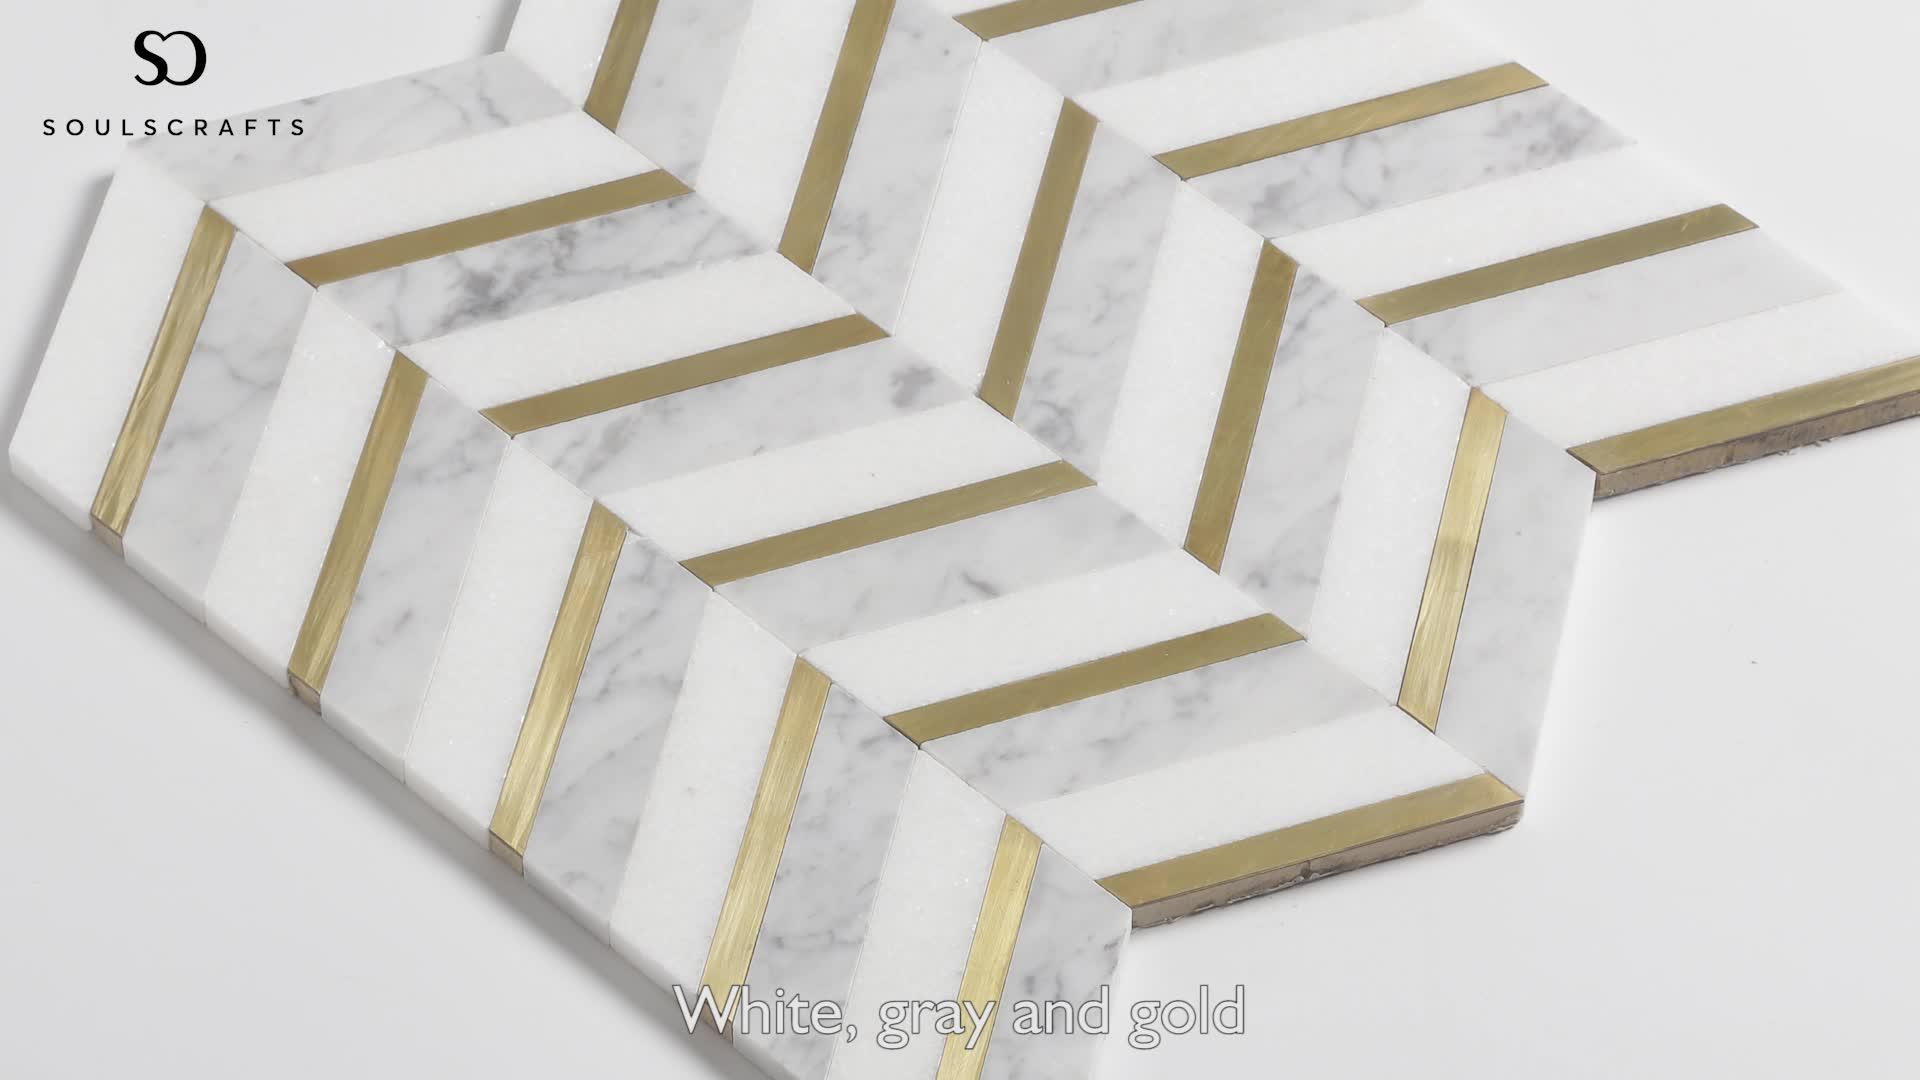 Soulscrafts Thassos Weiß Gemischte Bianco Carrara Marmor und Messing Waterjet Mosaik Wandfliesen